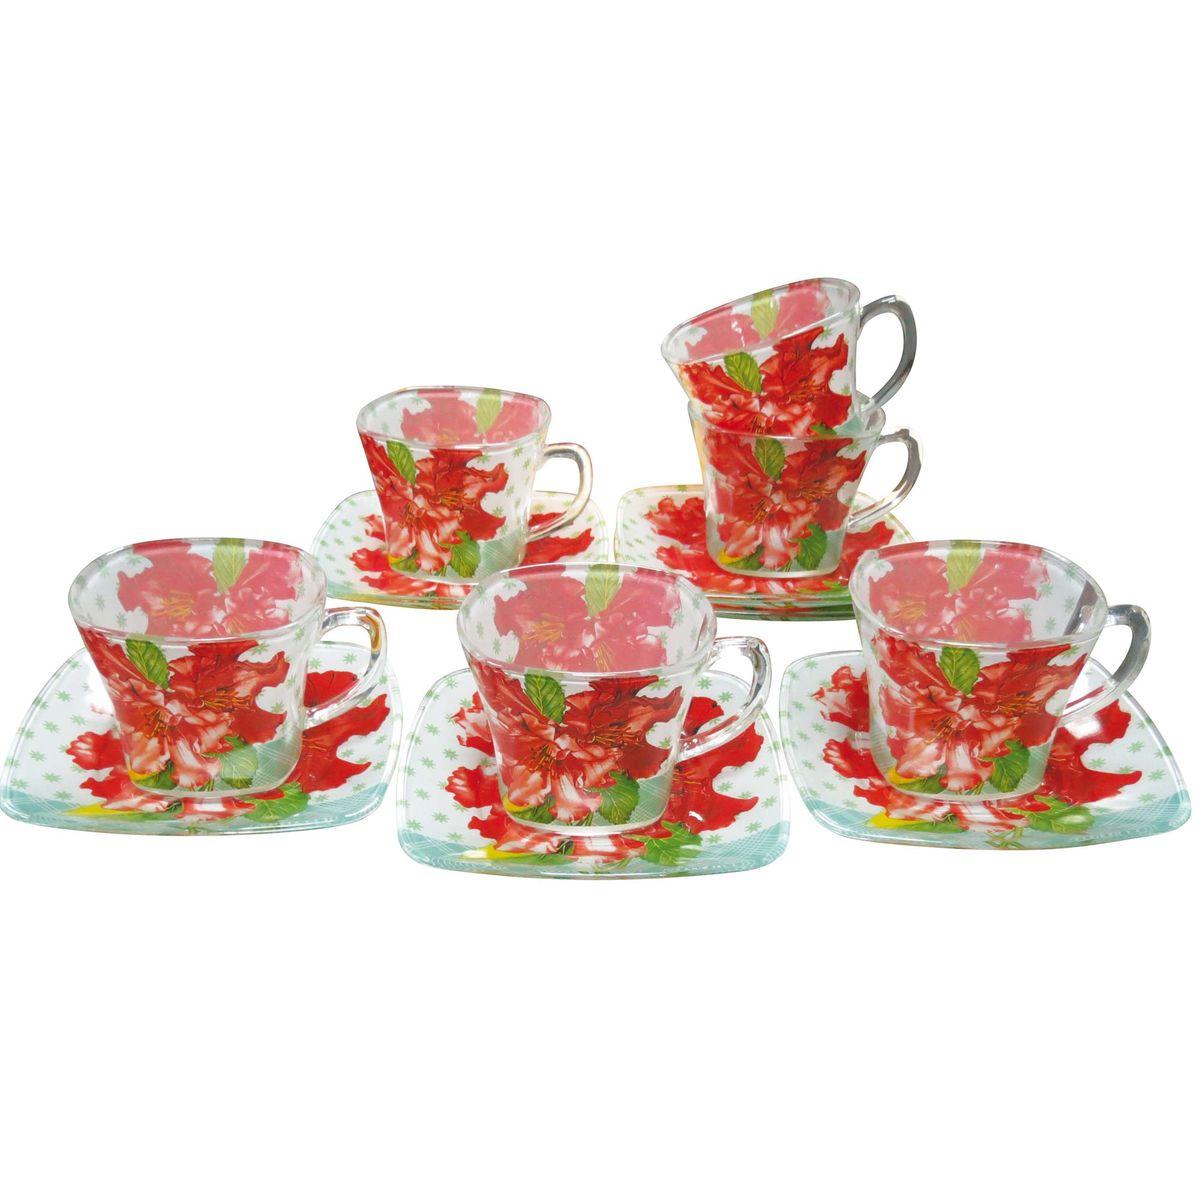 Набор чайный Bekker, 12 предметов. BK-5846BK-5846Набор чайный Bekker состоит из шести чашек и шести блюдец, изготовленных из высококачественного стекла. Набор оформлен стильным рисунком. Такой набор подходит для подачи чая.Изящный дизайн придется по вкусу и ценителям классики, и тем, кто предпочитает утонченность и изысканность. Он настроит на позитивный лад и подарит хорошее настроение с самого утра. Чайный набор Bekker - идеальный и необходимый подарок для вашего дома и для ваших друзей в праздники.